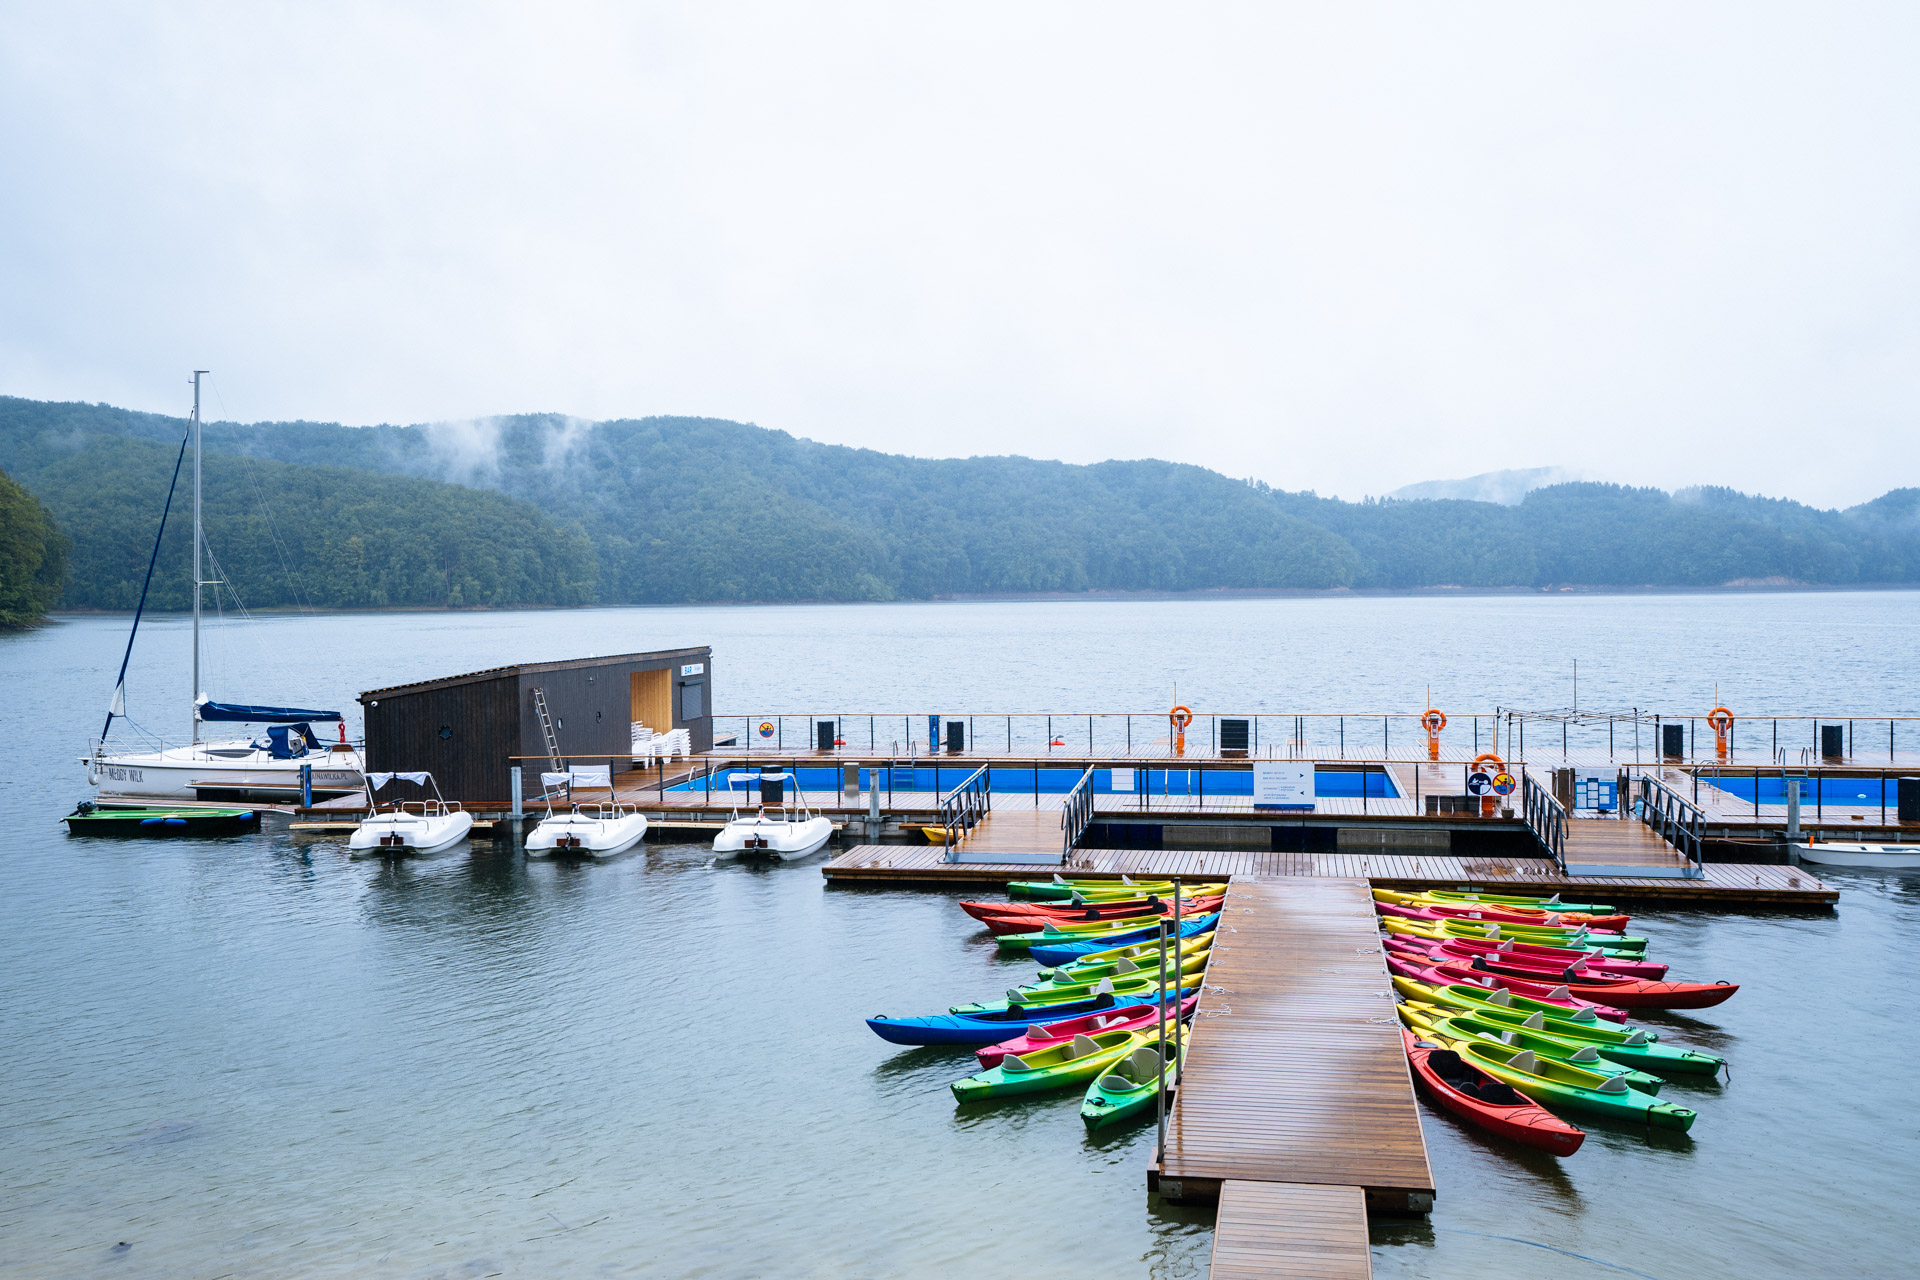 Ekomarina w Polańczyku, widoczny drewniany pomost i kolorowe łódki